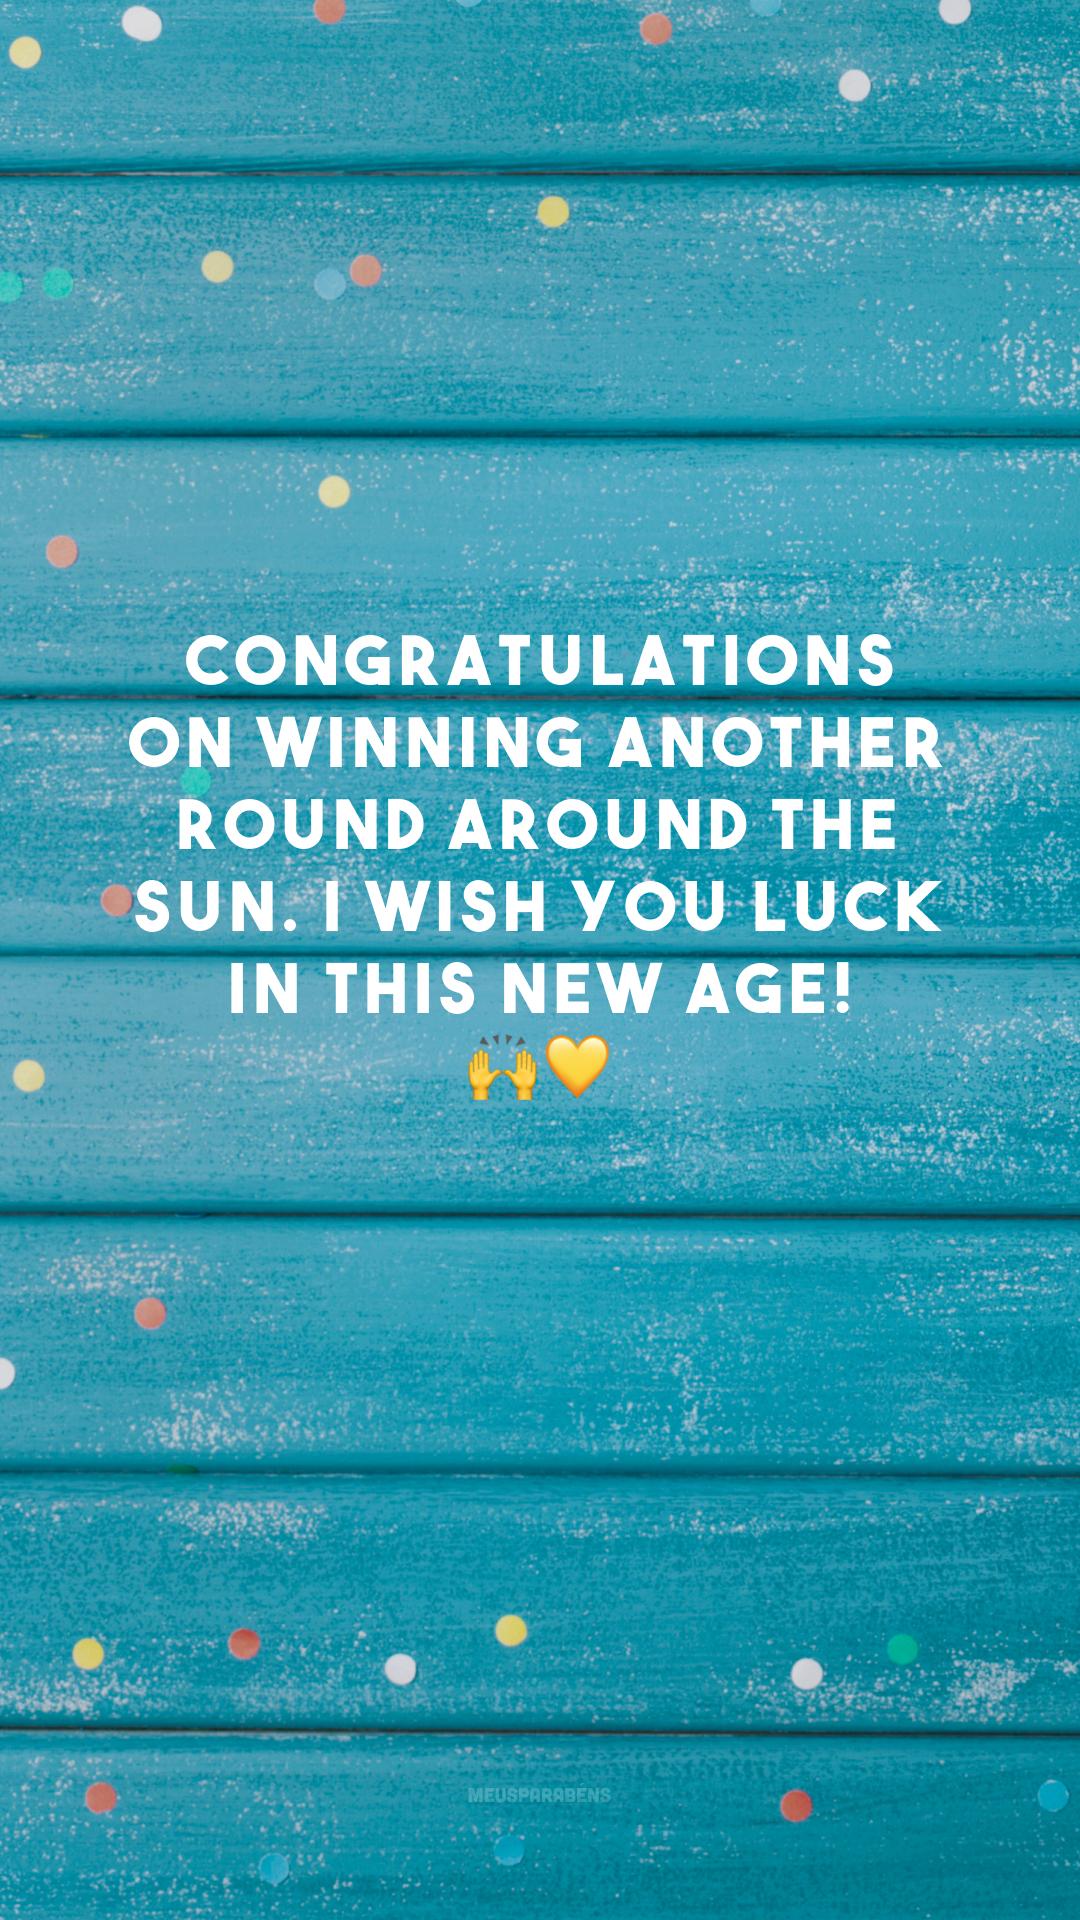 Congratulations on winning another round around the sun. I wish you luck in this new age! 🙌💛 (Parabéns pela conquista de mais uma volta ao redor do sol. Desejo muita sorte nessa nova idade!)